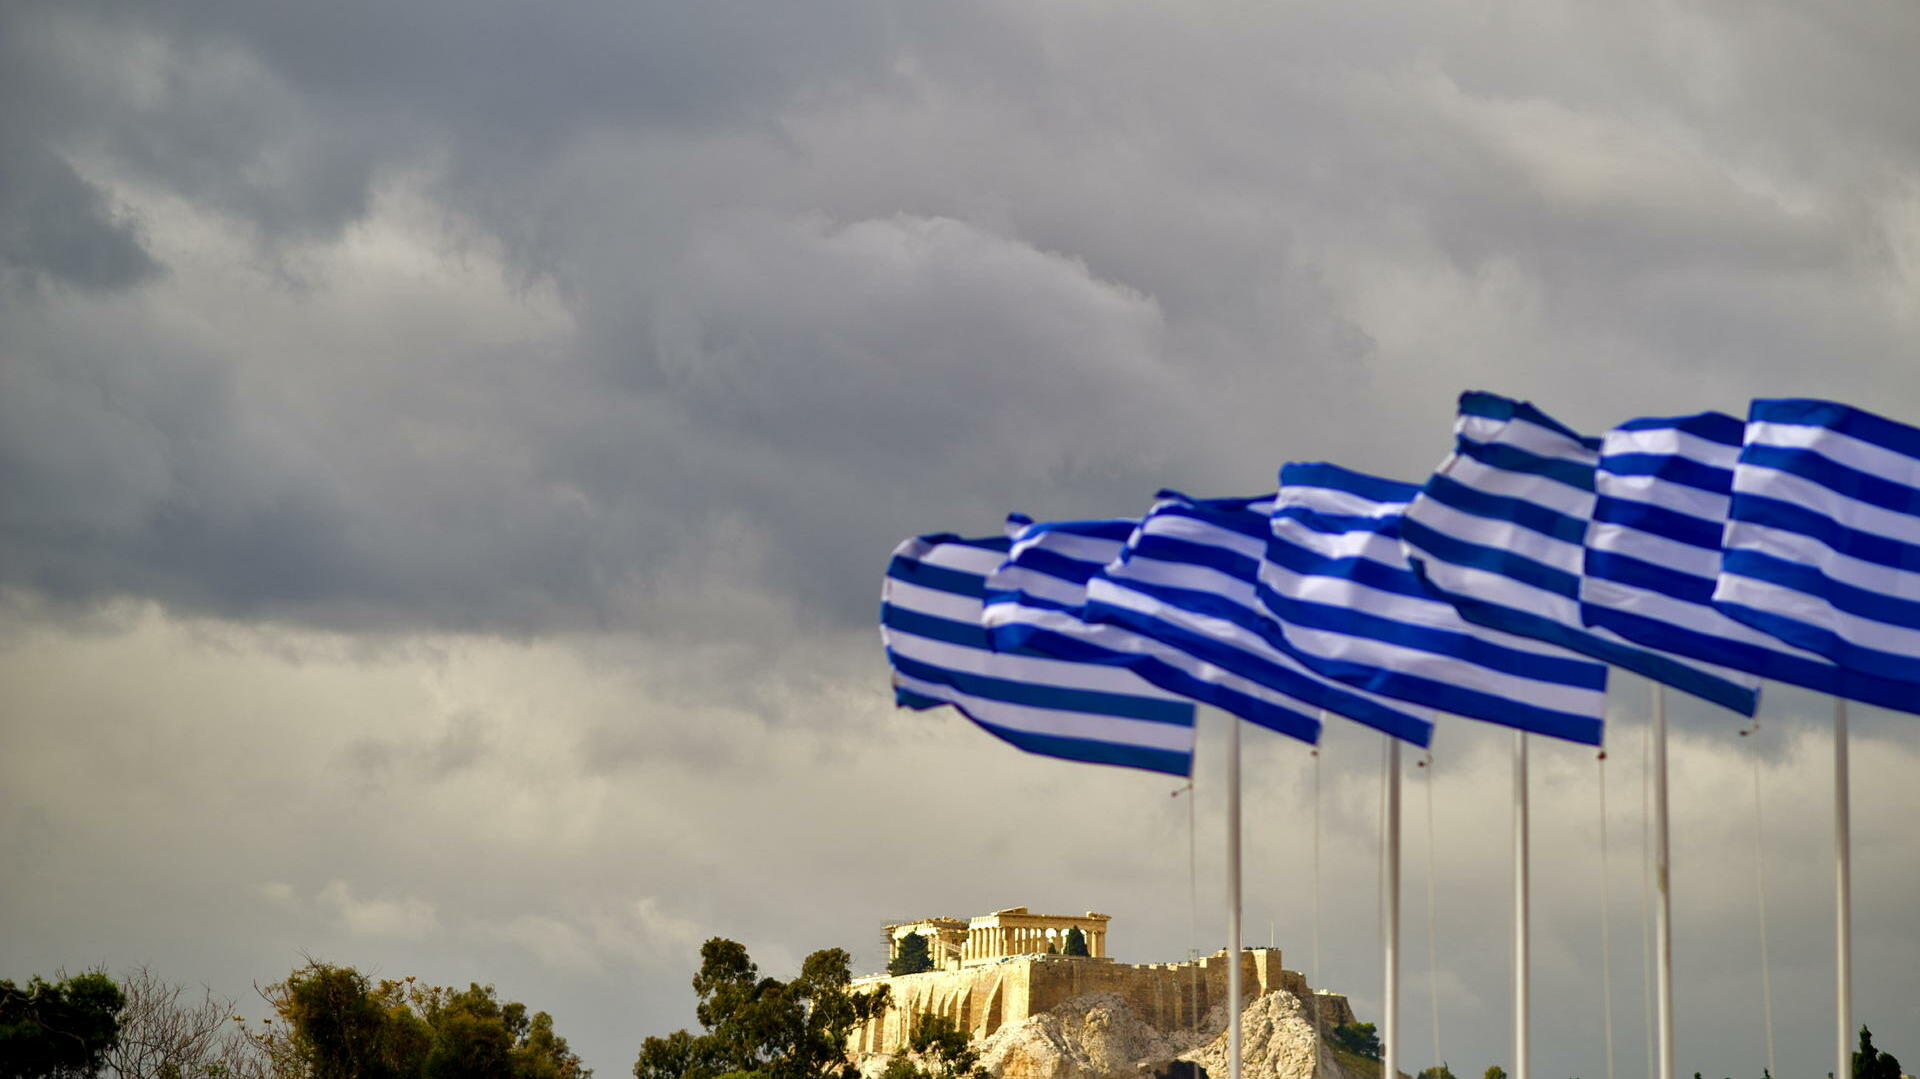 Rekapitalisierung: Griechische Banken müssen weiter bangen